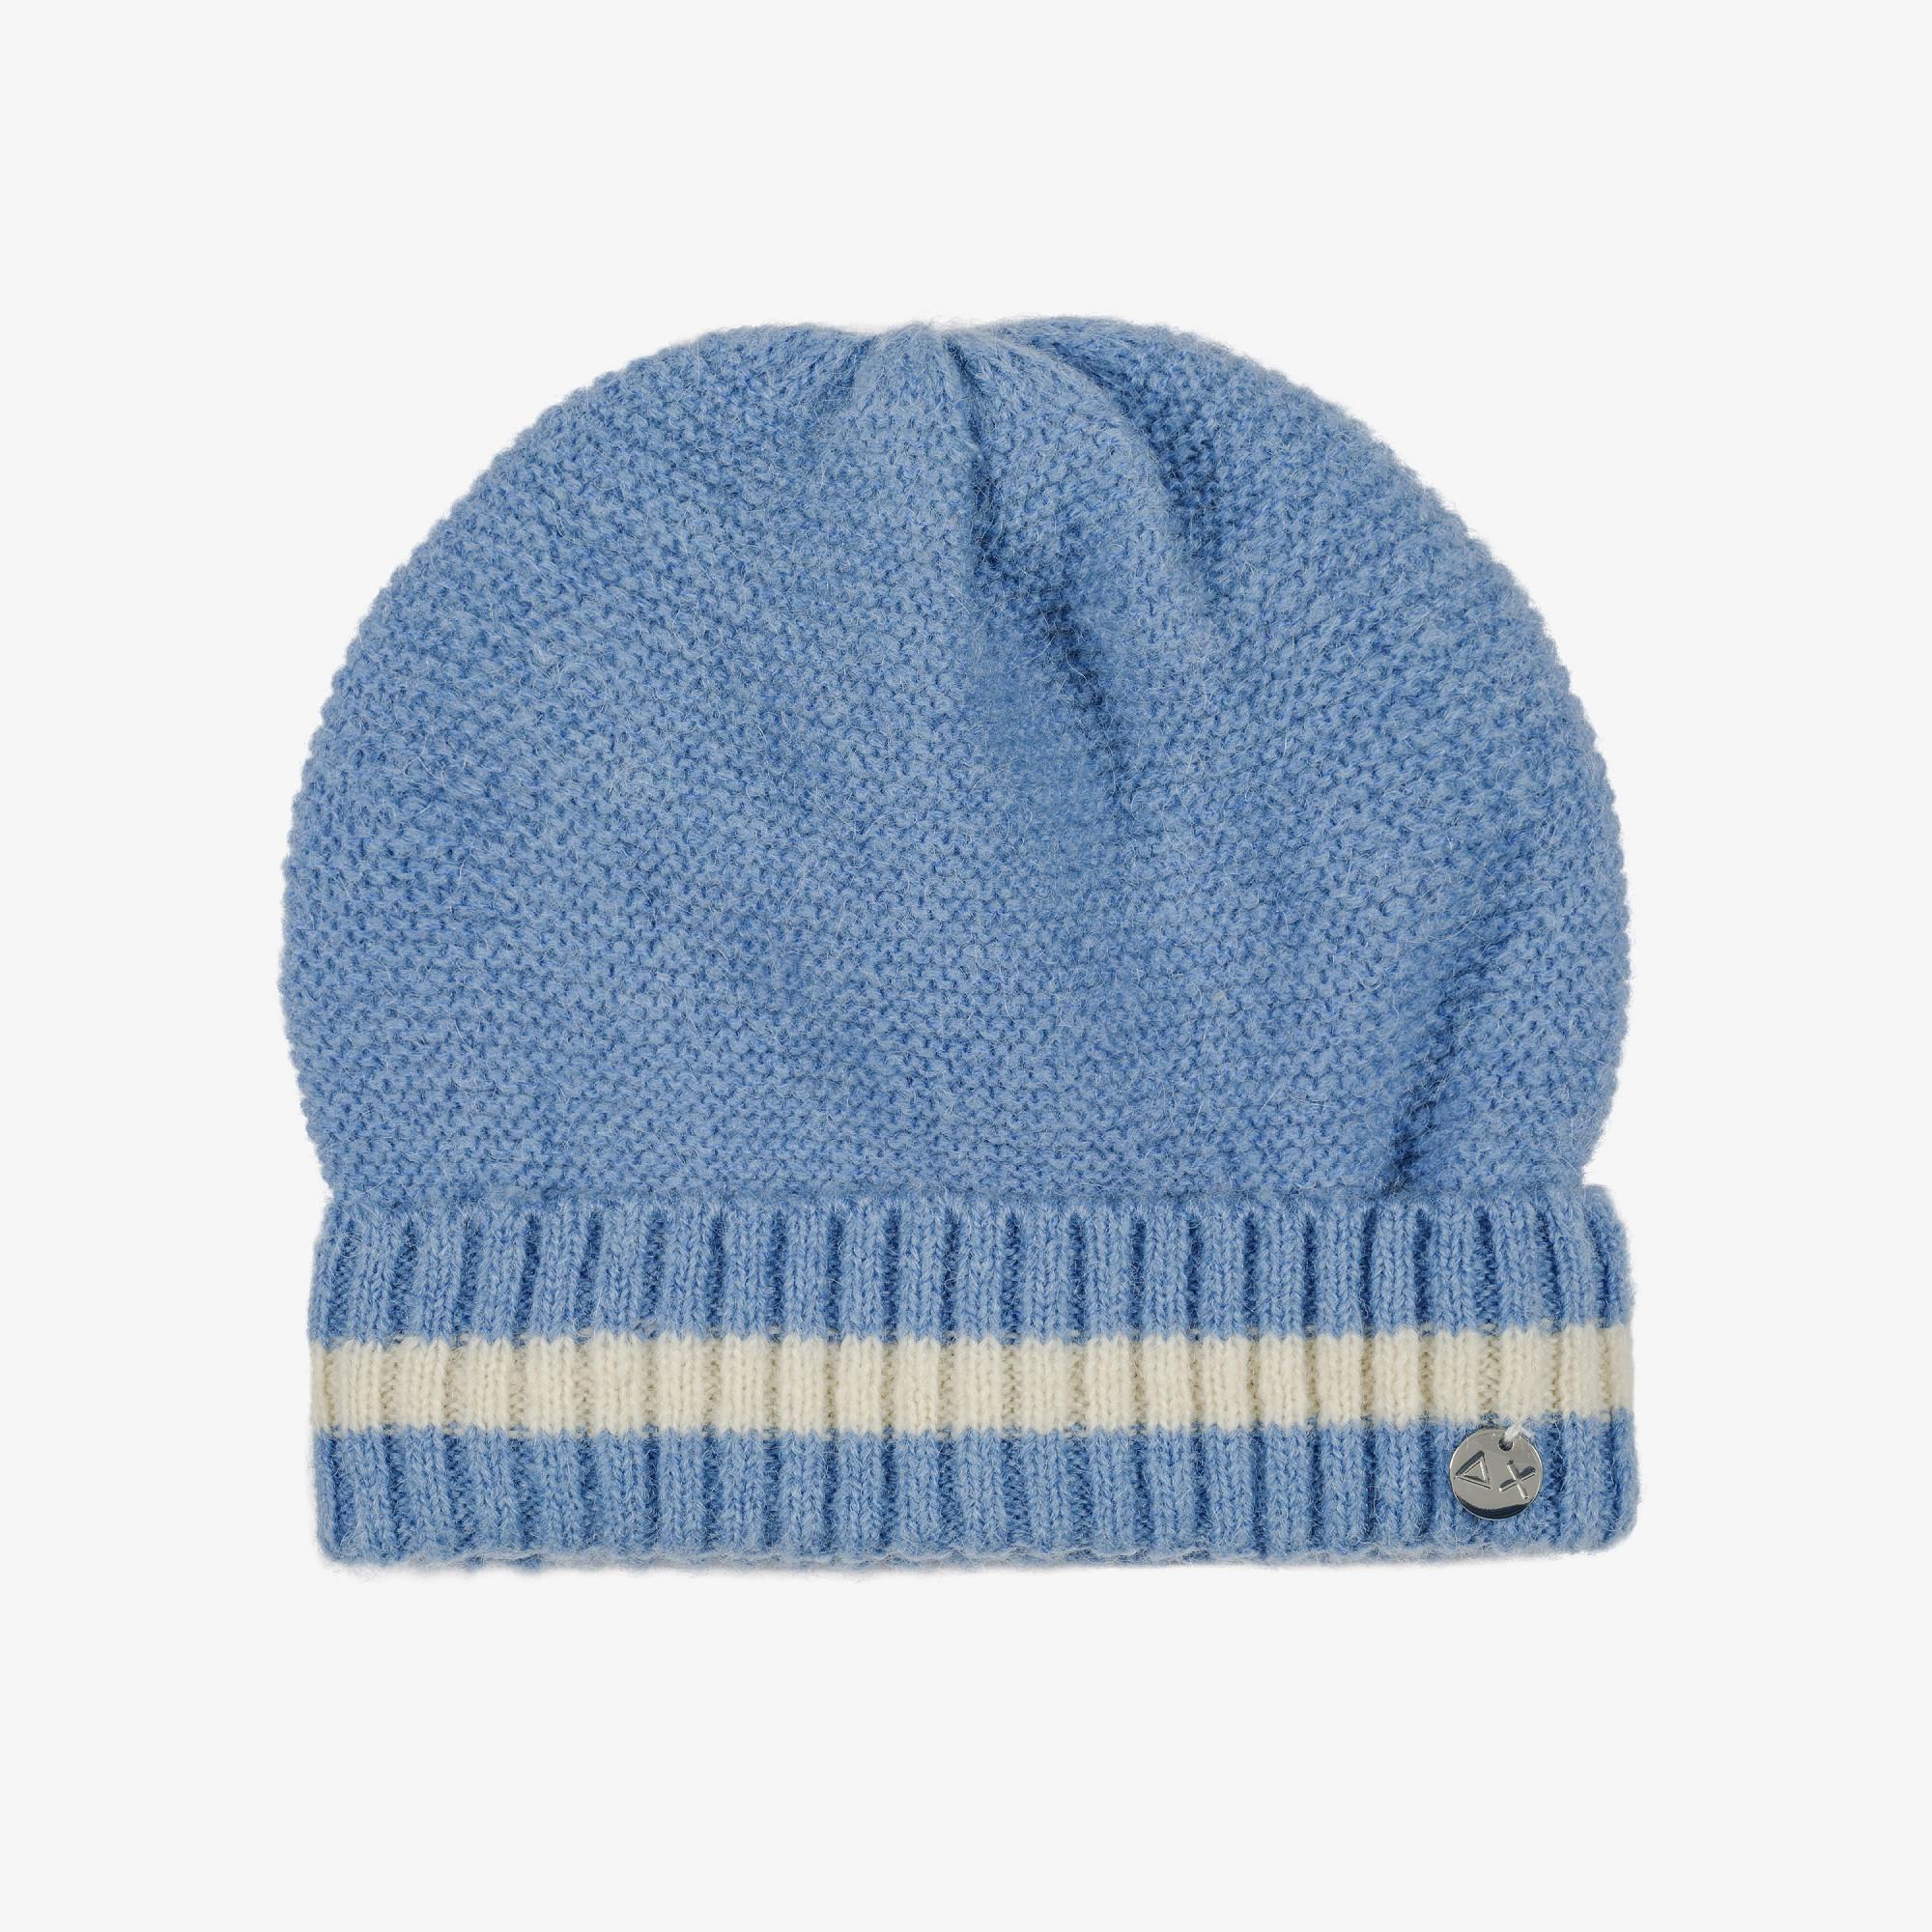 CAP BASIC BLUE